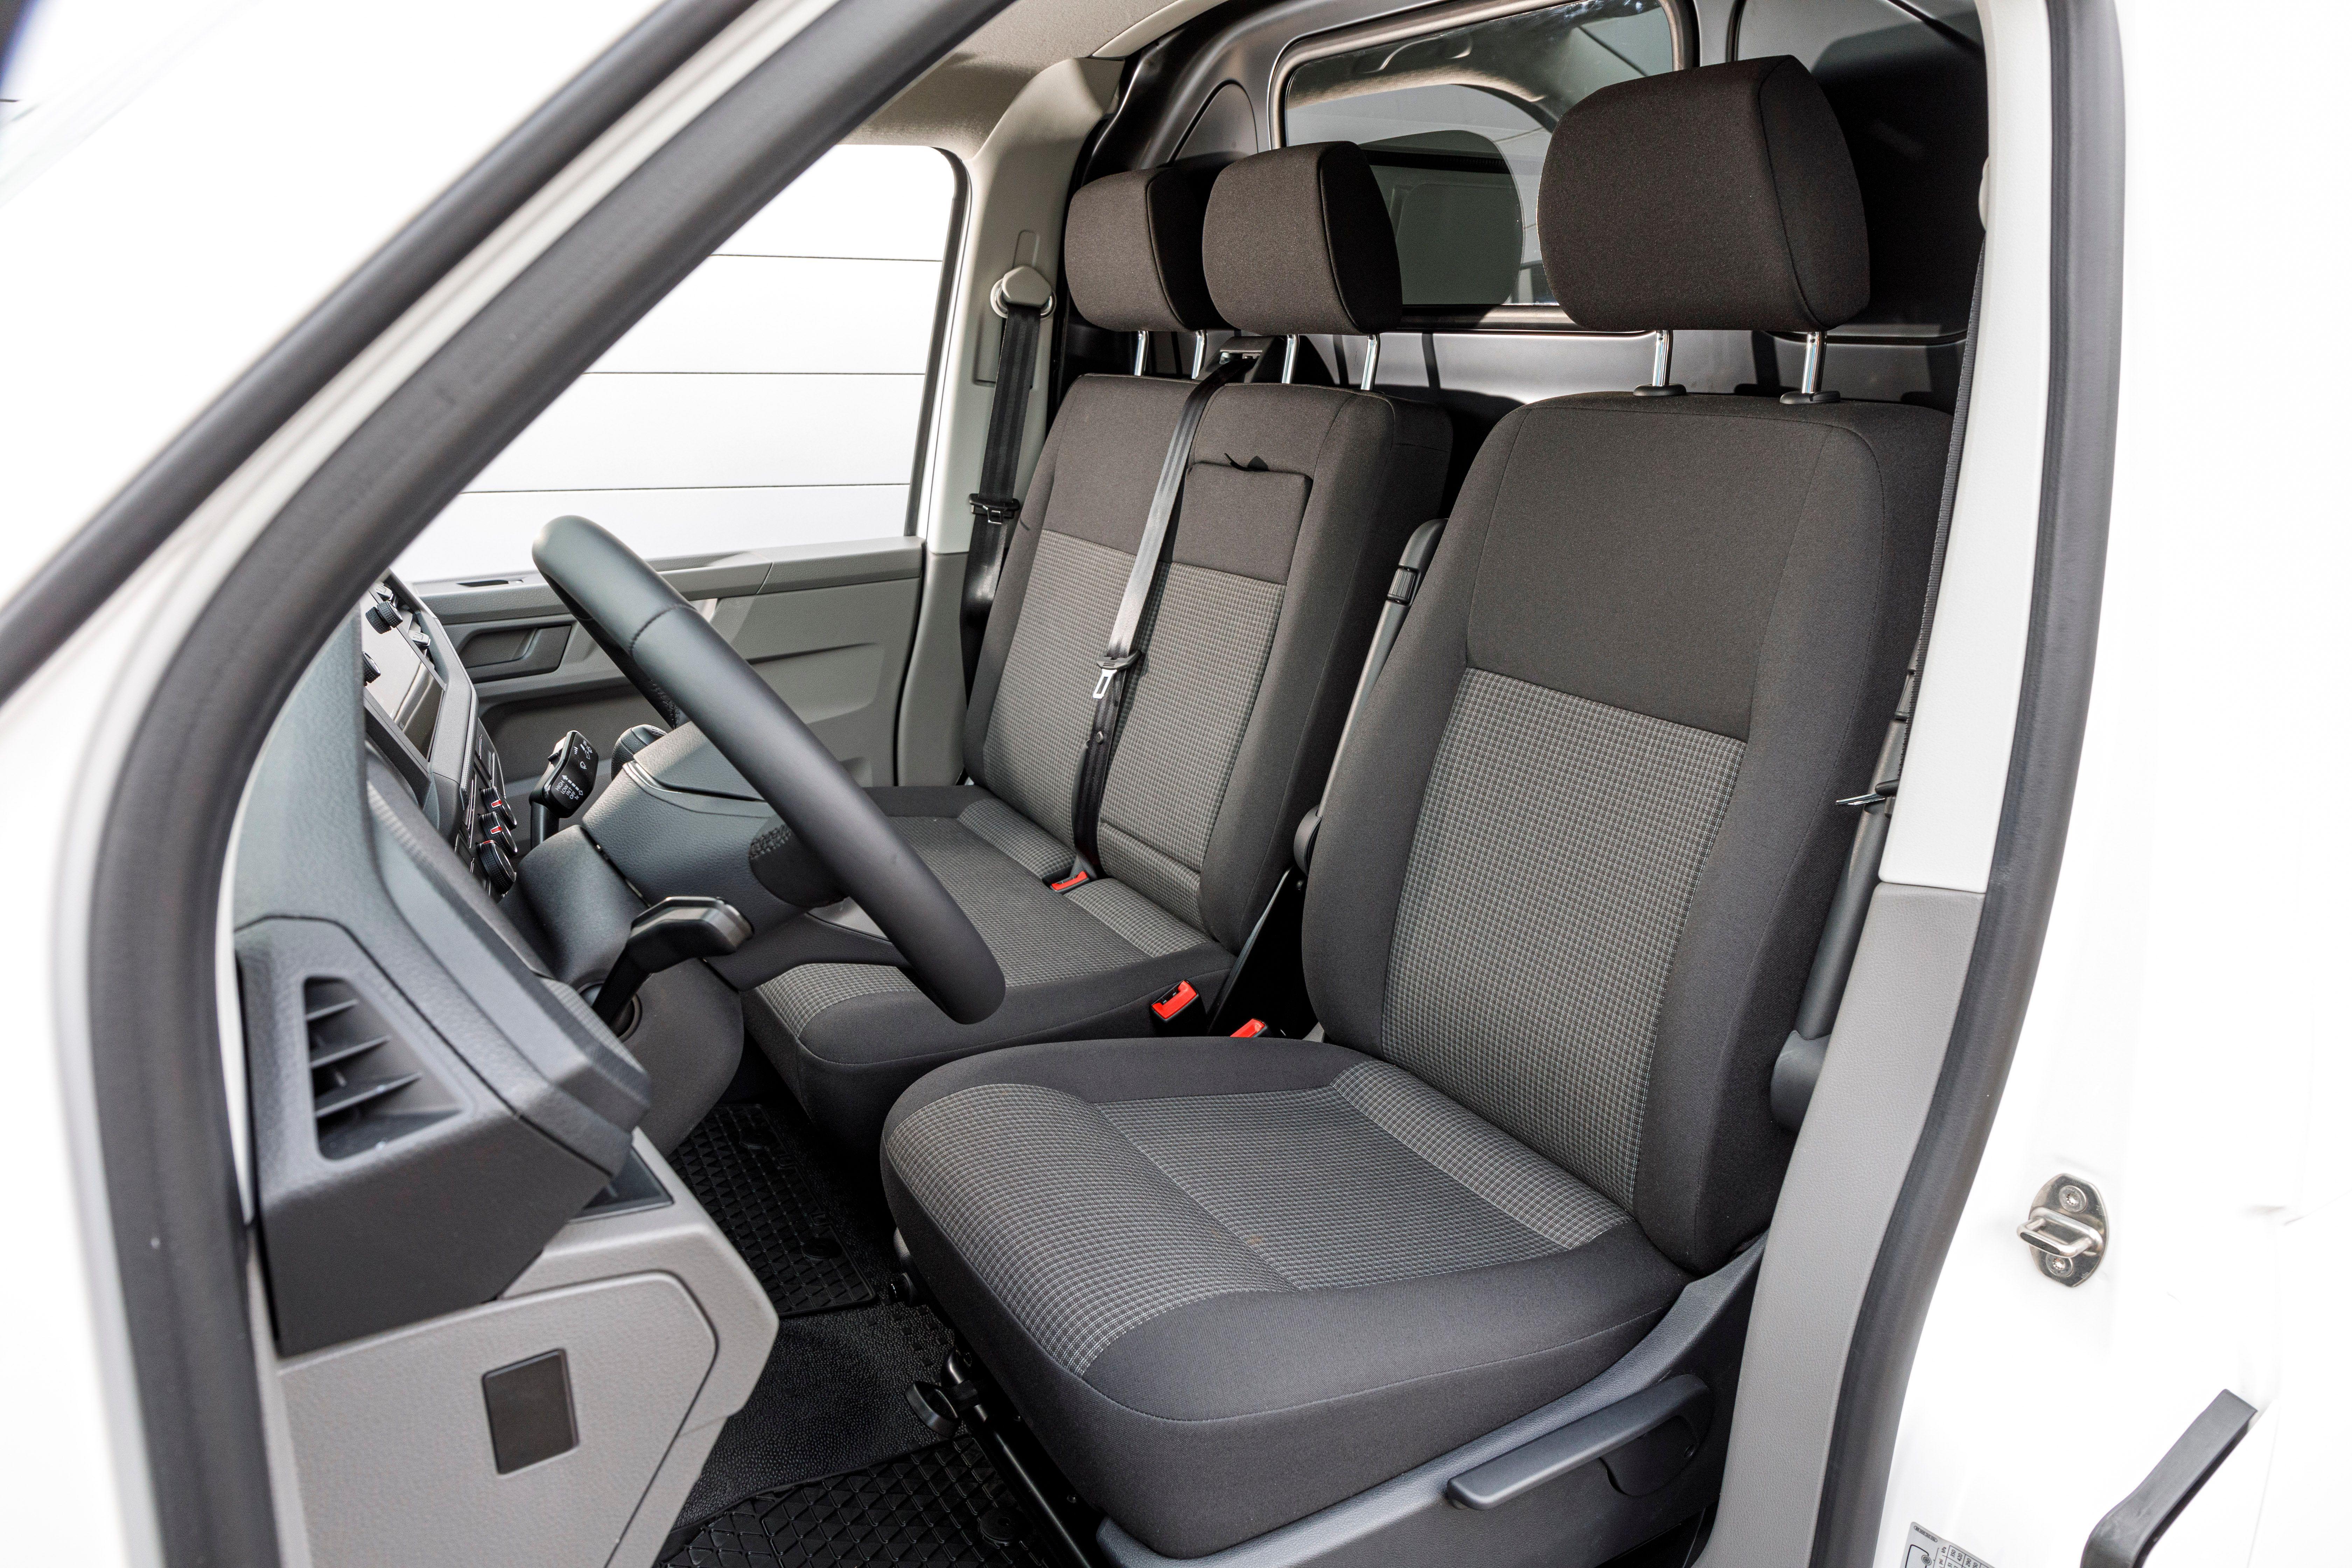 Interior of T6.1 Van